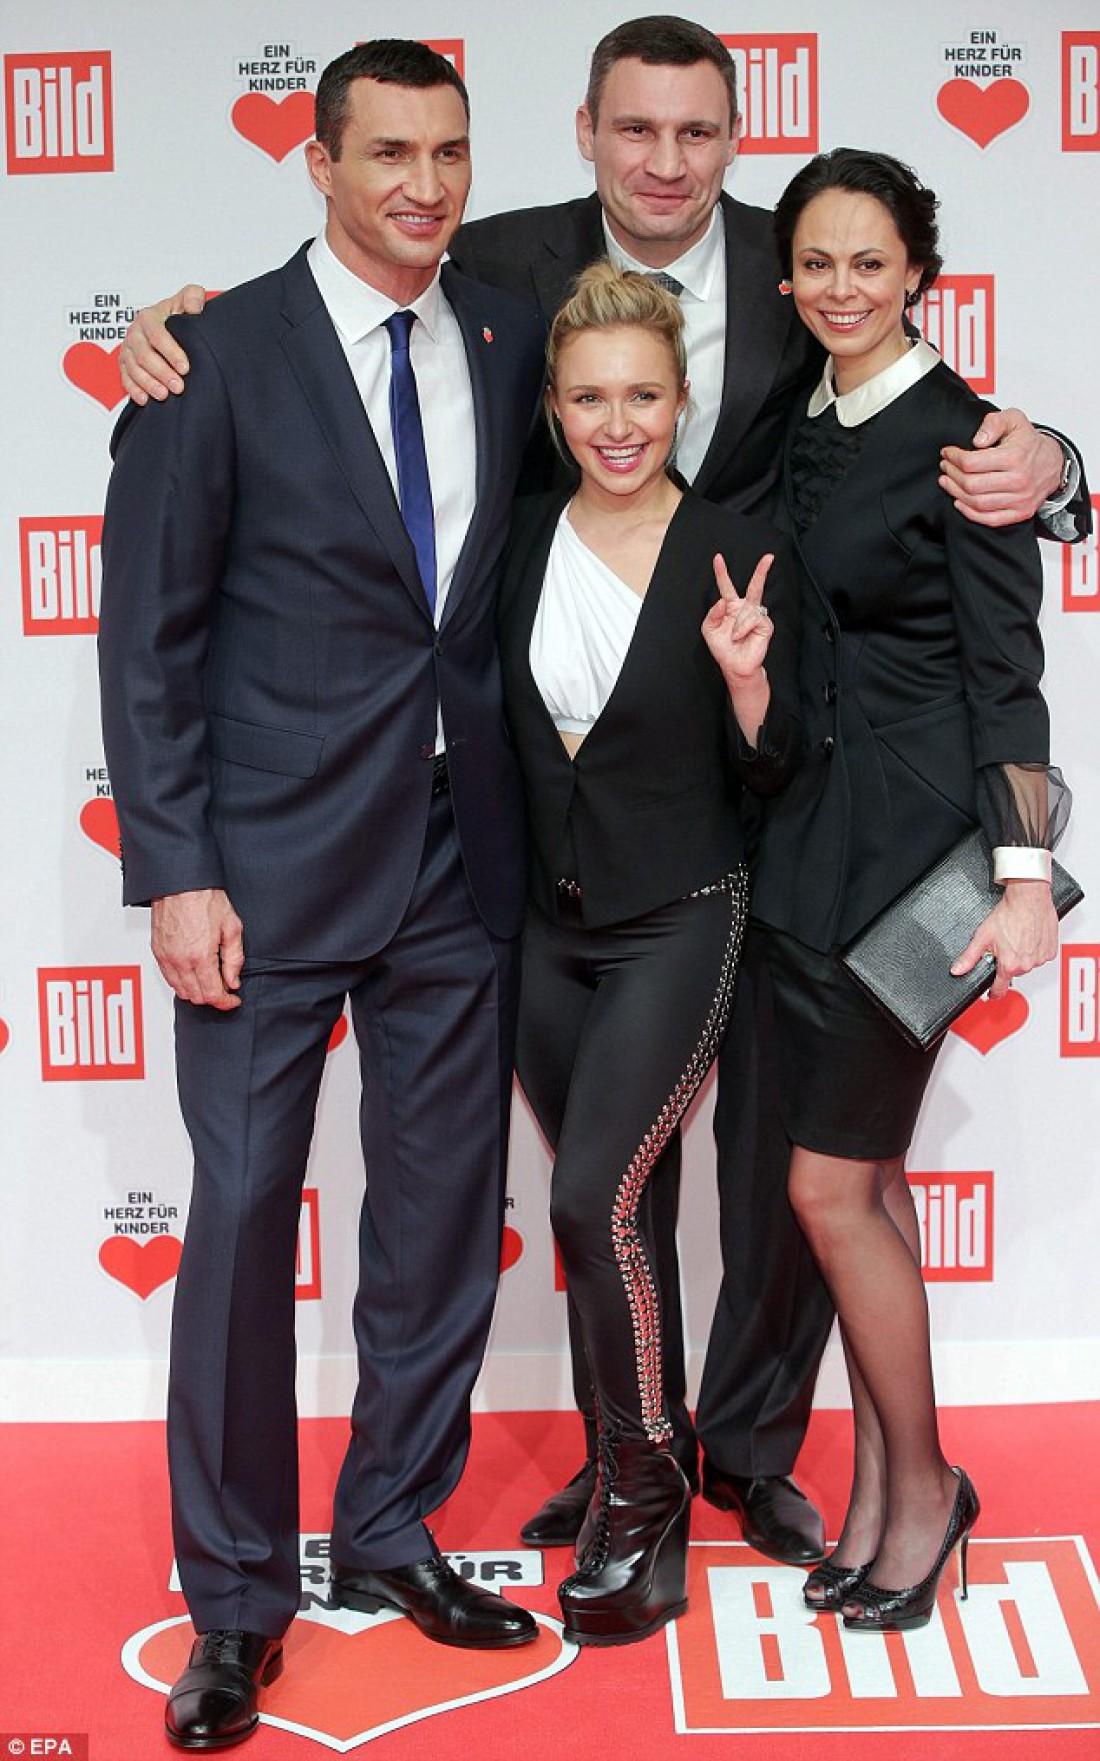 Братья Кличко, Хайден Паннетьери и Наталья Кличко (справа)